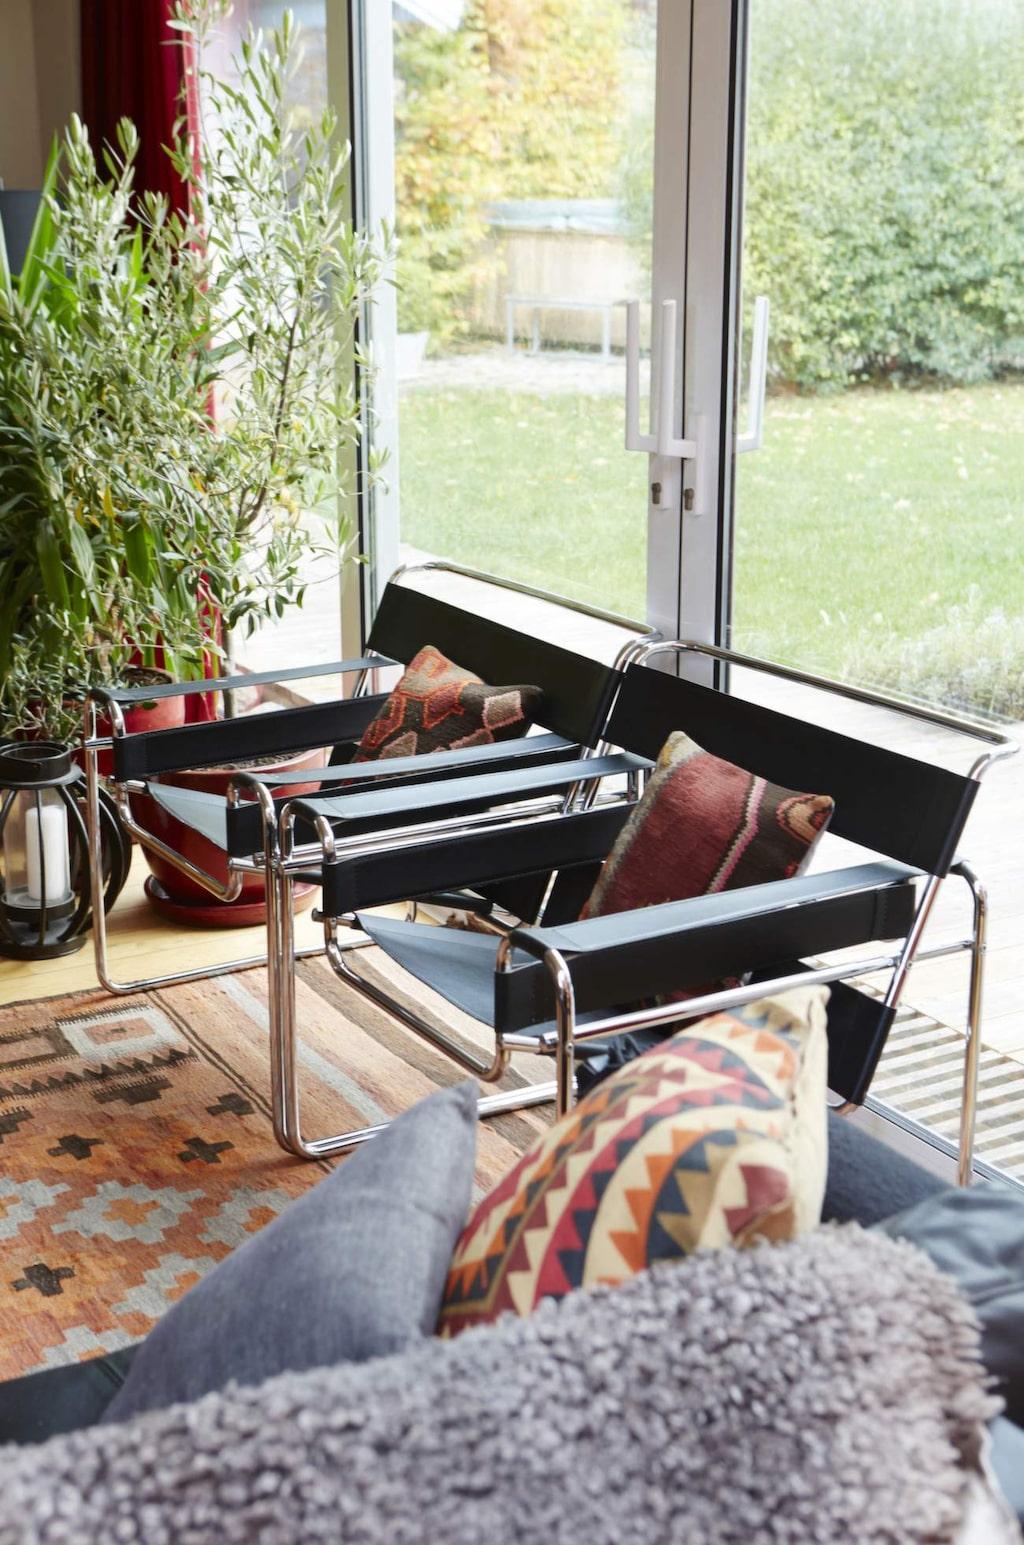 Klassiker<br>Nina är uppvuxen med danska möbelklassiker. De svarta skinnfåtöljerna Wassily är vintage och designade av Marcel Breuer. De har hängt med sedan Nina pluggade i Lund.